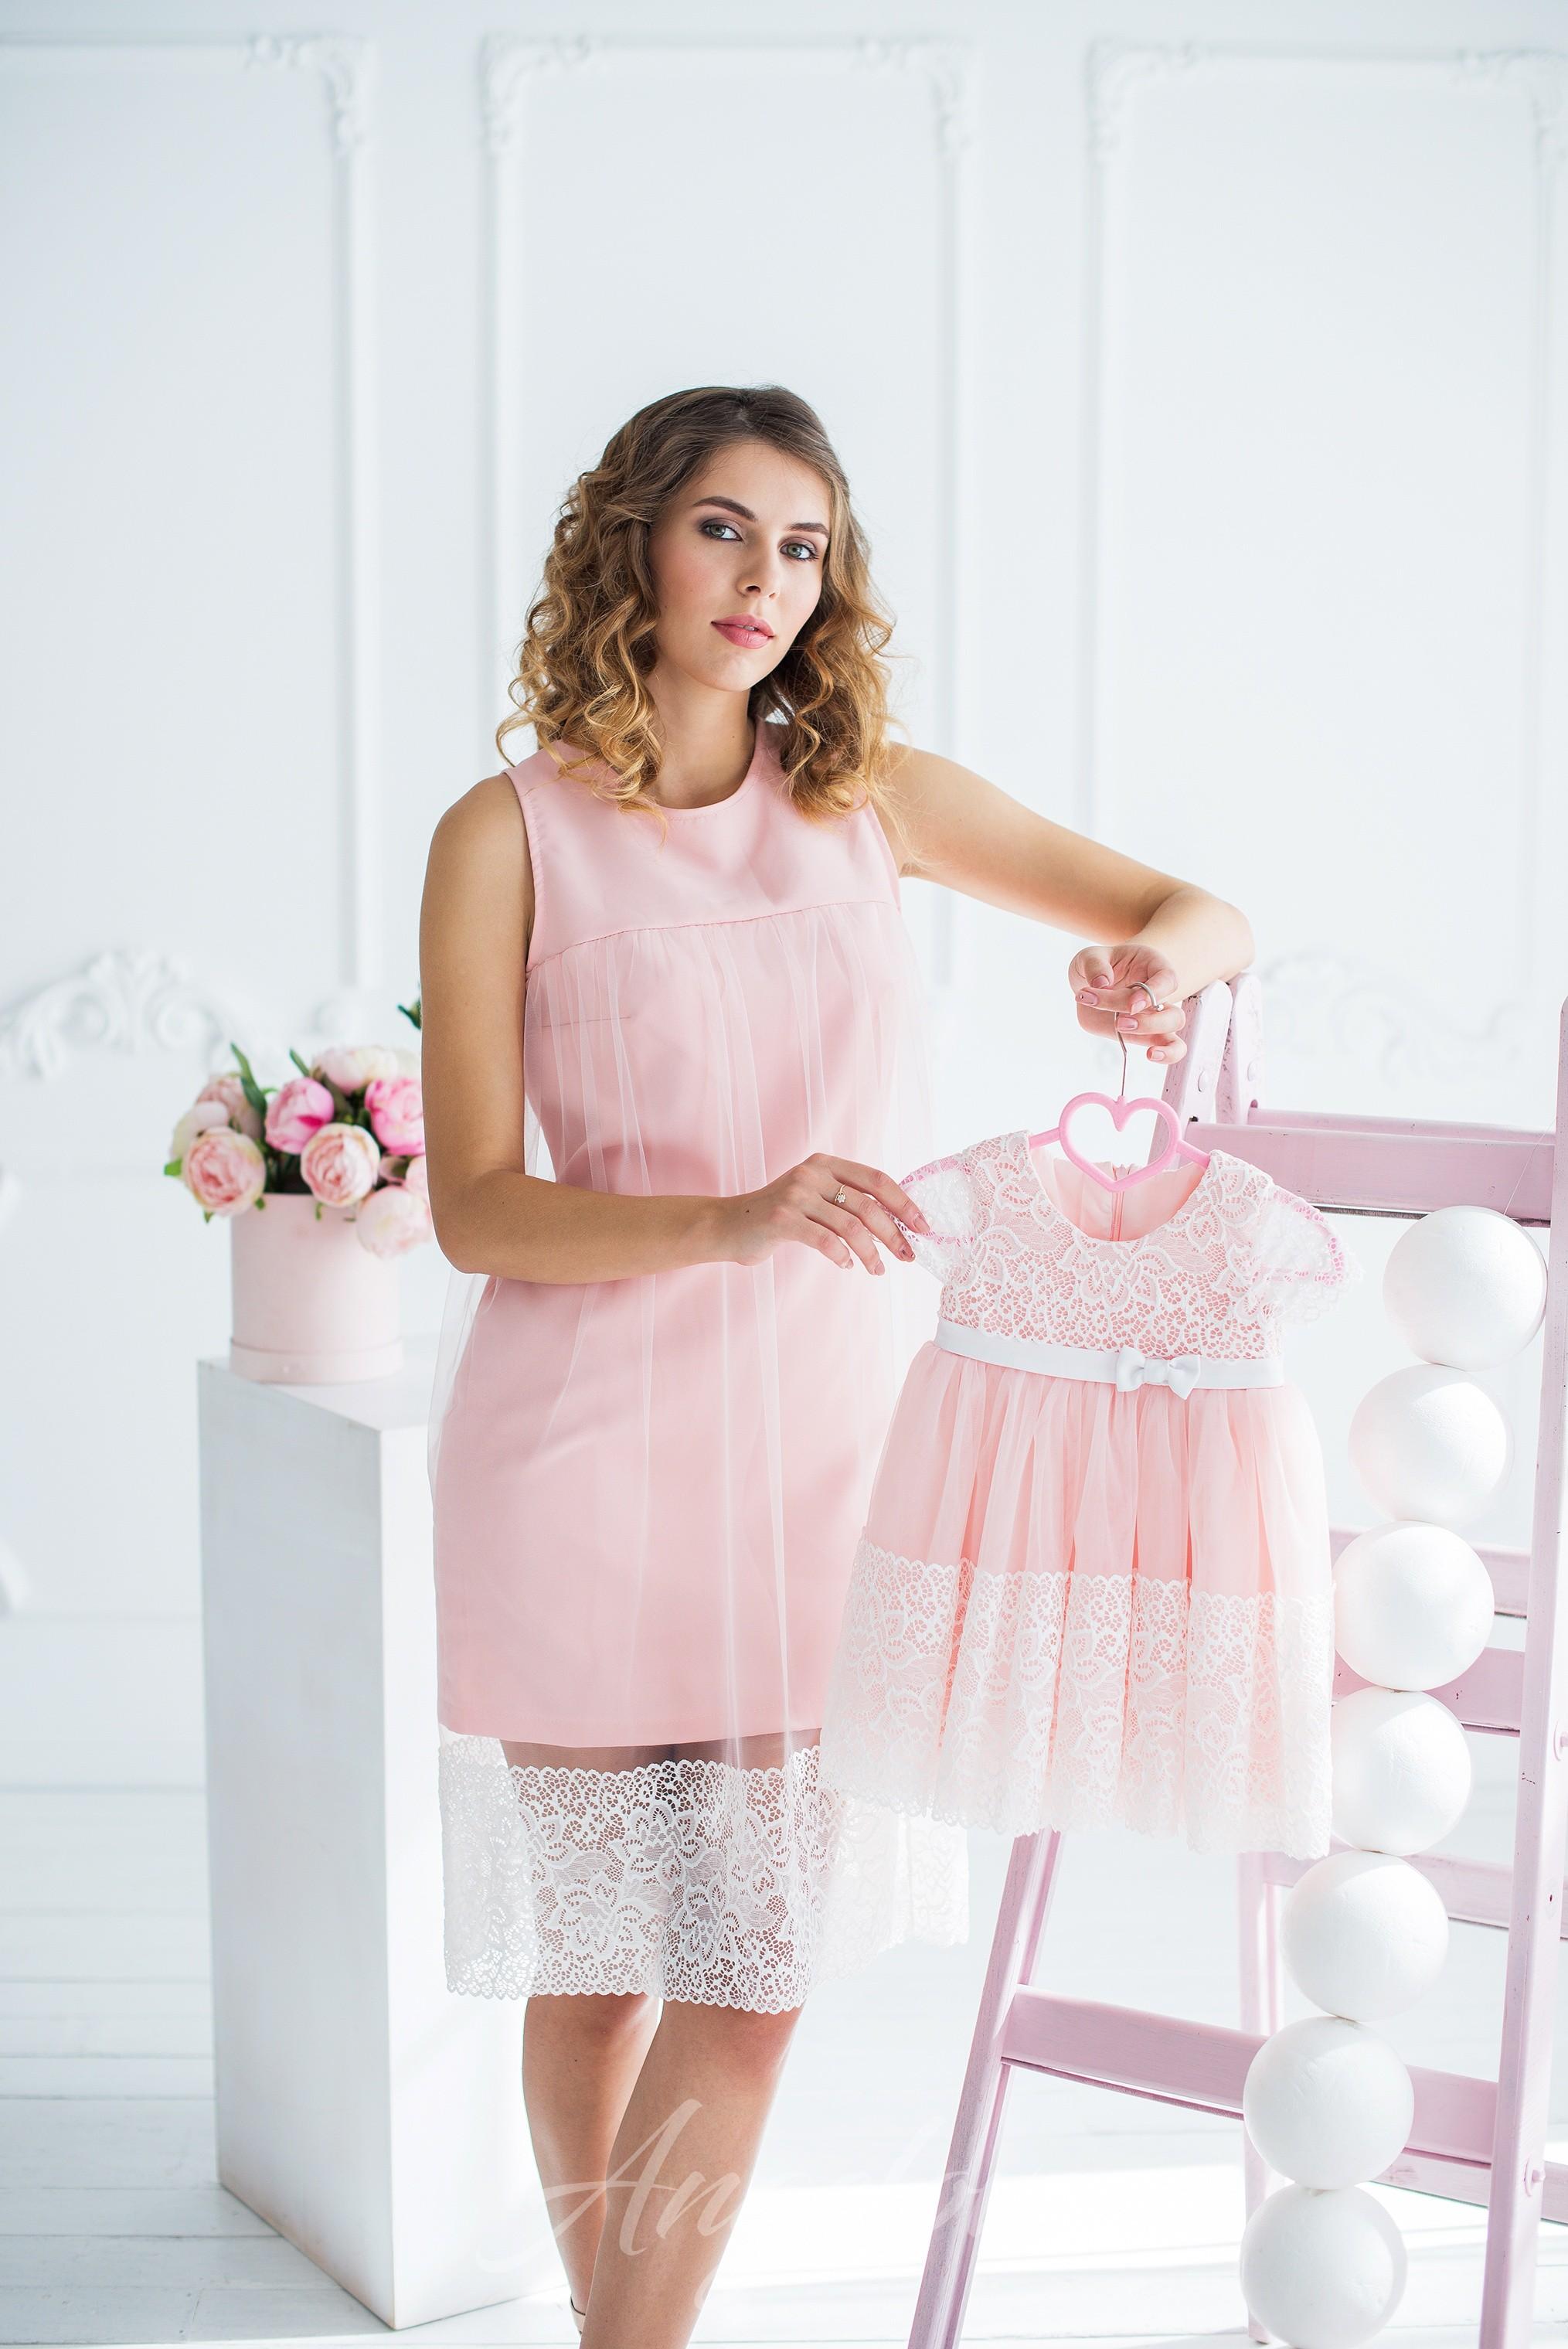 b64feddcd2b9 Женское нежно-розовое платье с кружевом и сеткой - Каталог angelove ...